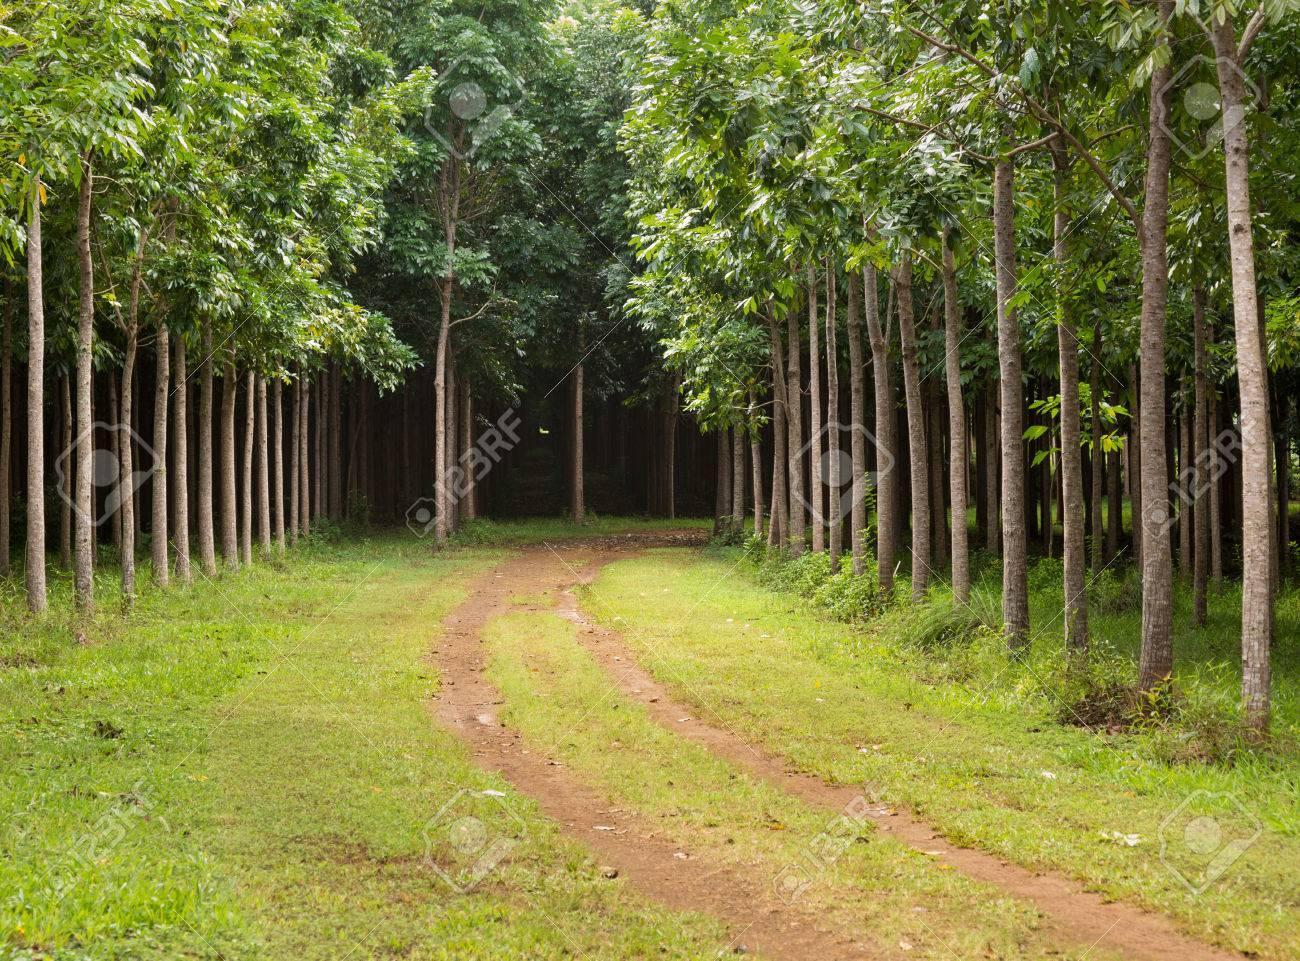 Mahagonibäume  Pathway Oder Spur Führt Durch Anpflanzung Von Mahagoni Bäume In ...